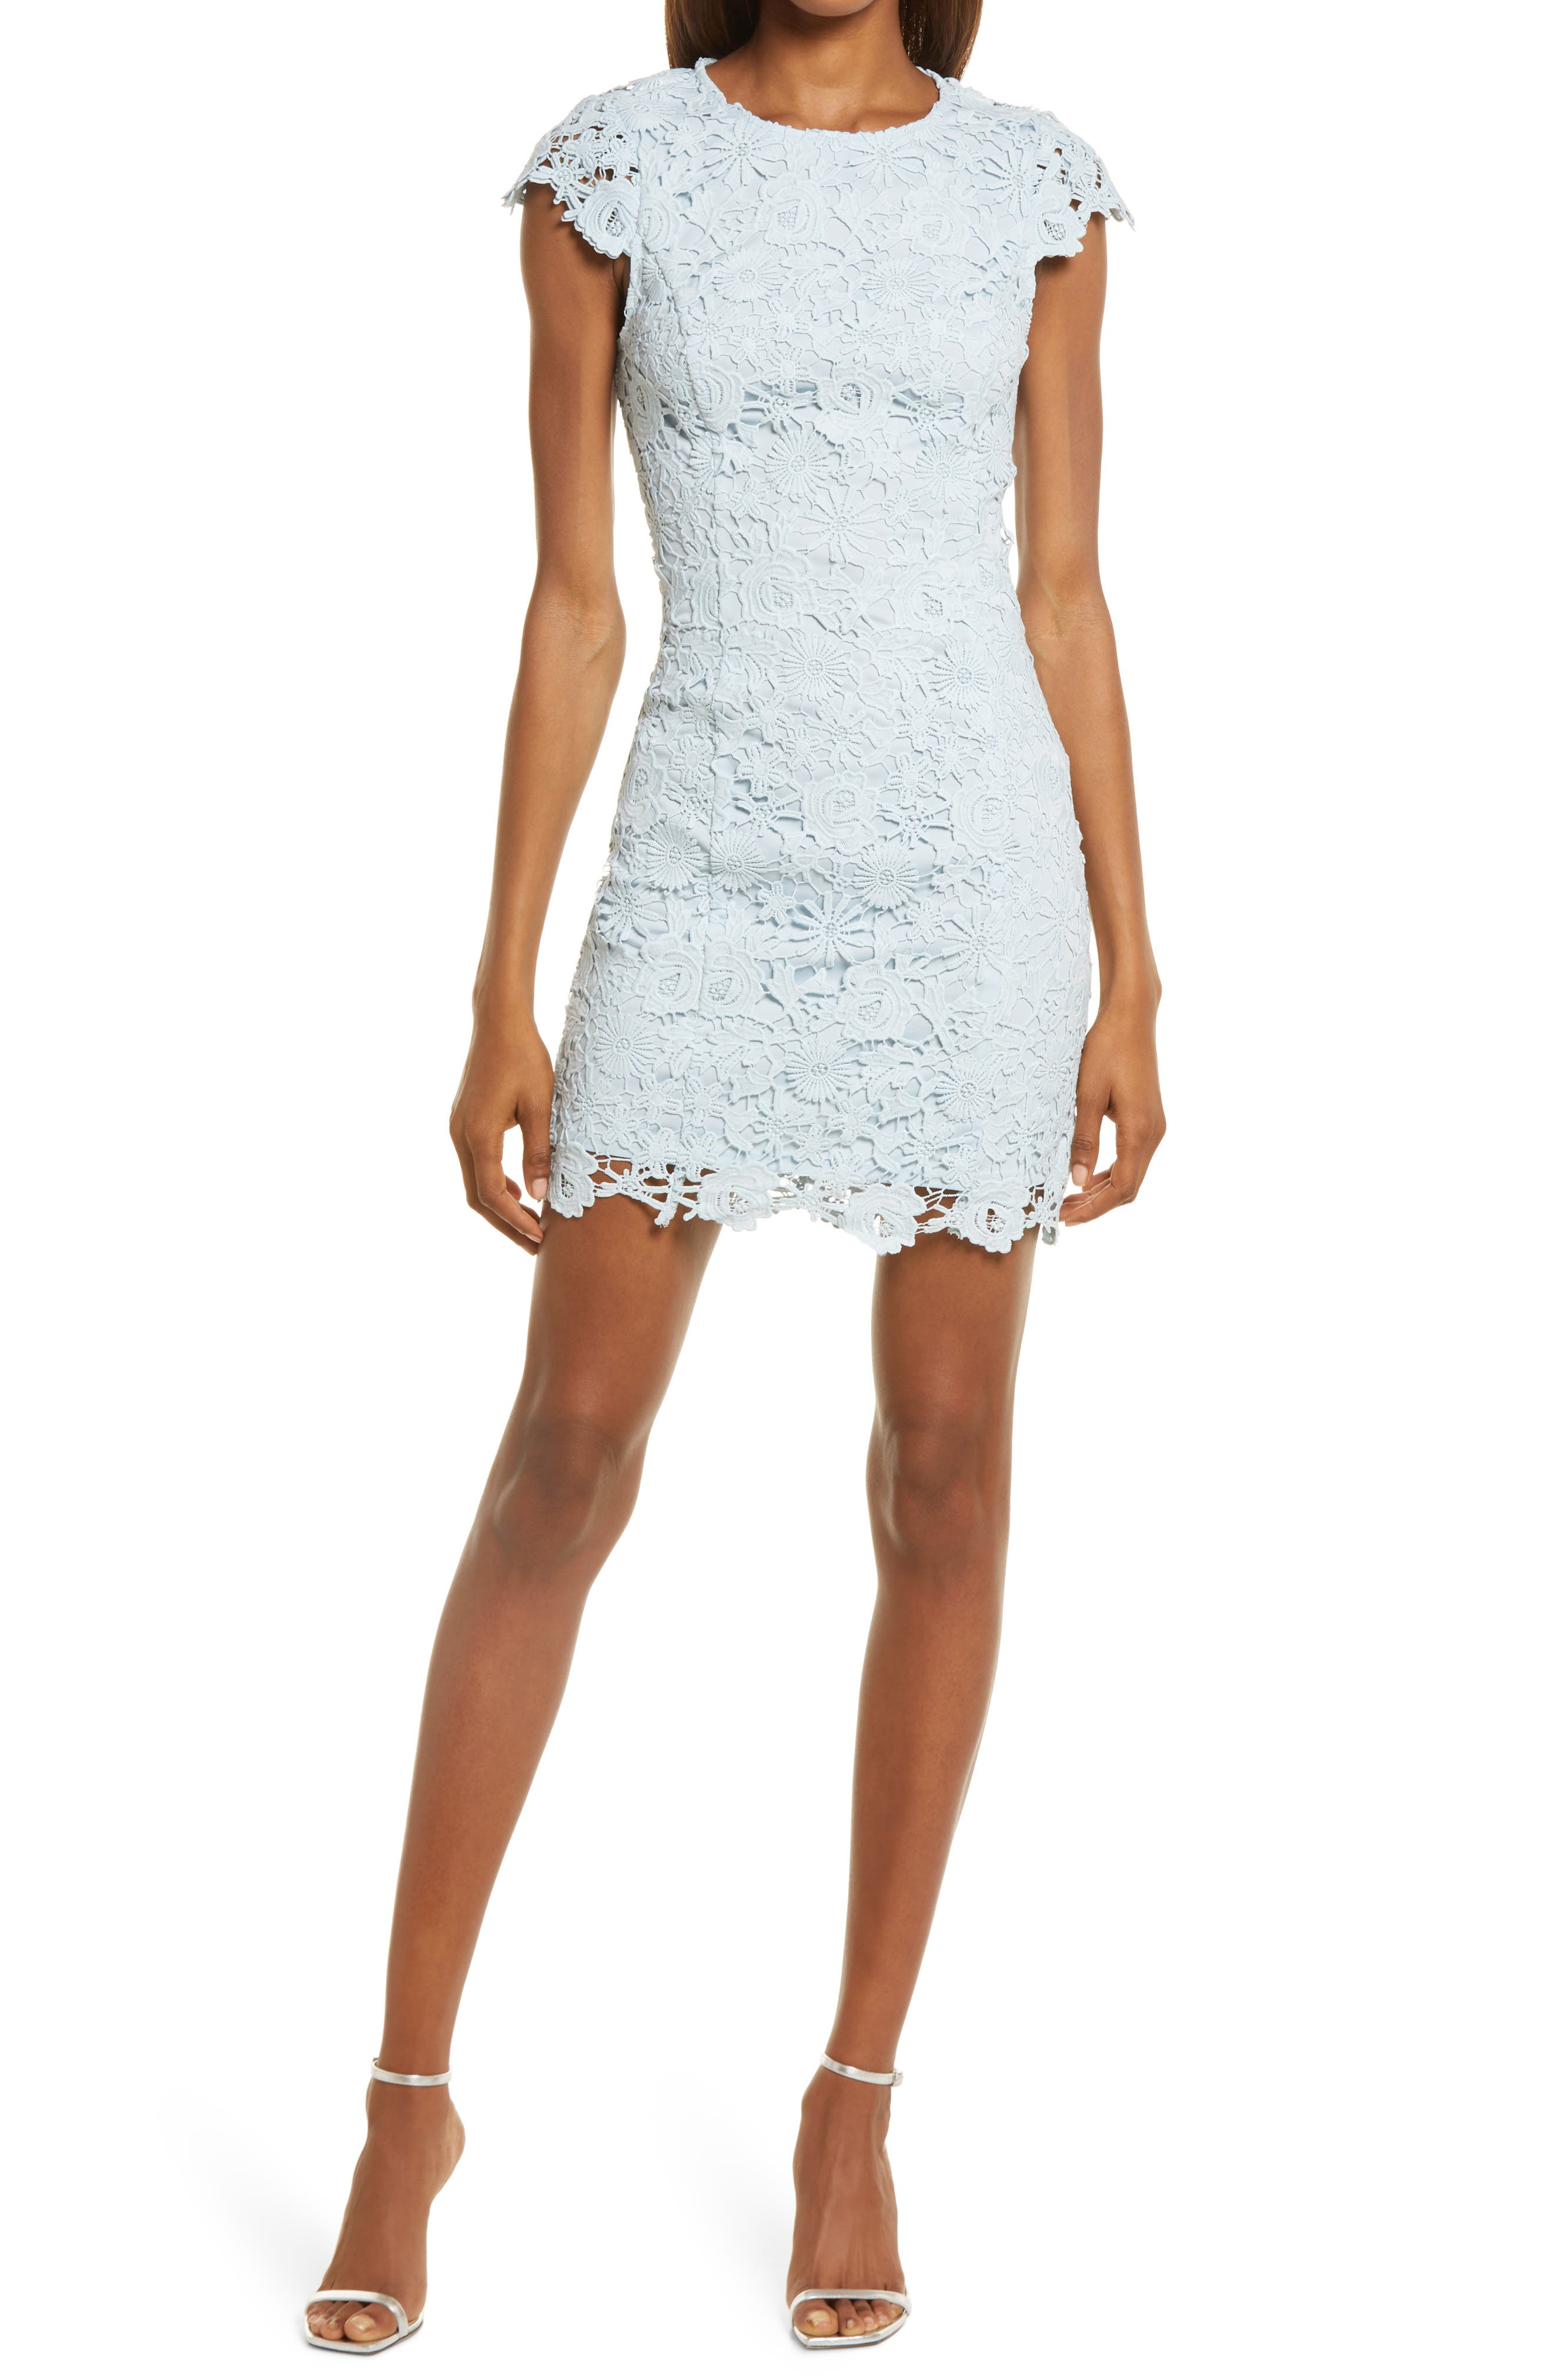 Romance Language Backless Lace Body-Con Dress